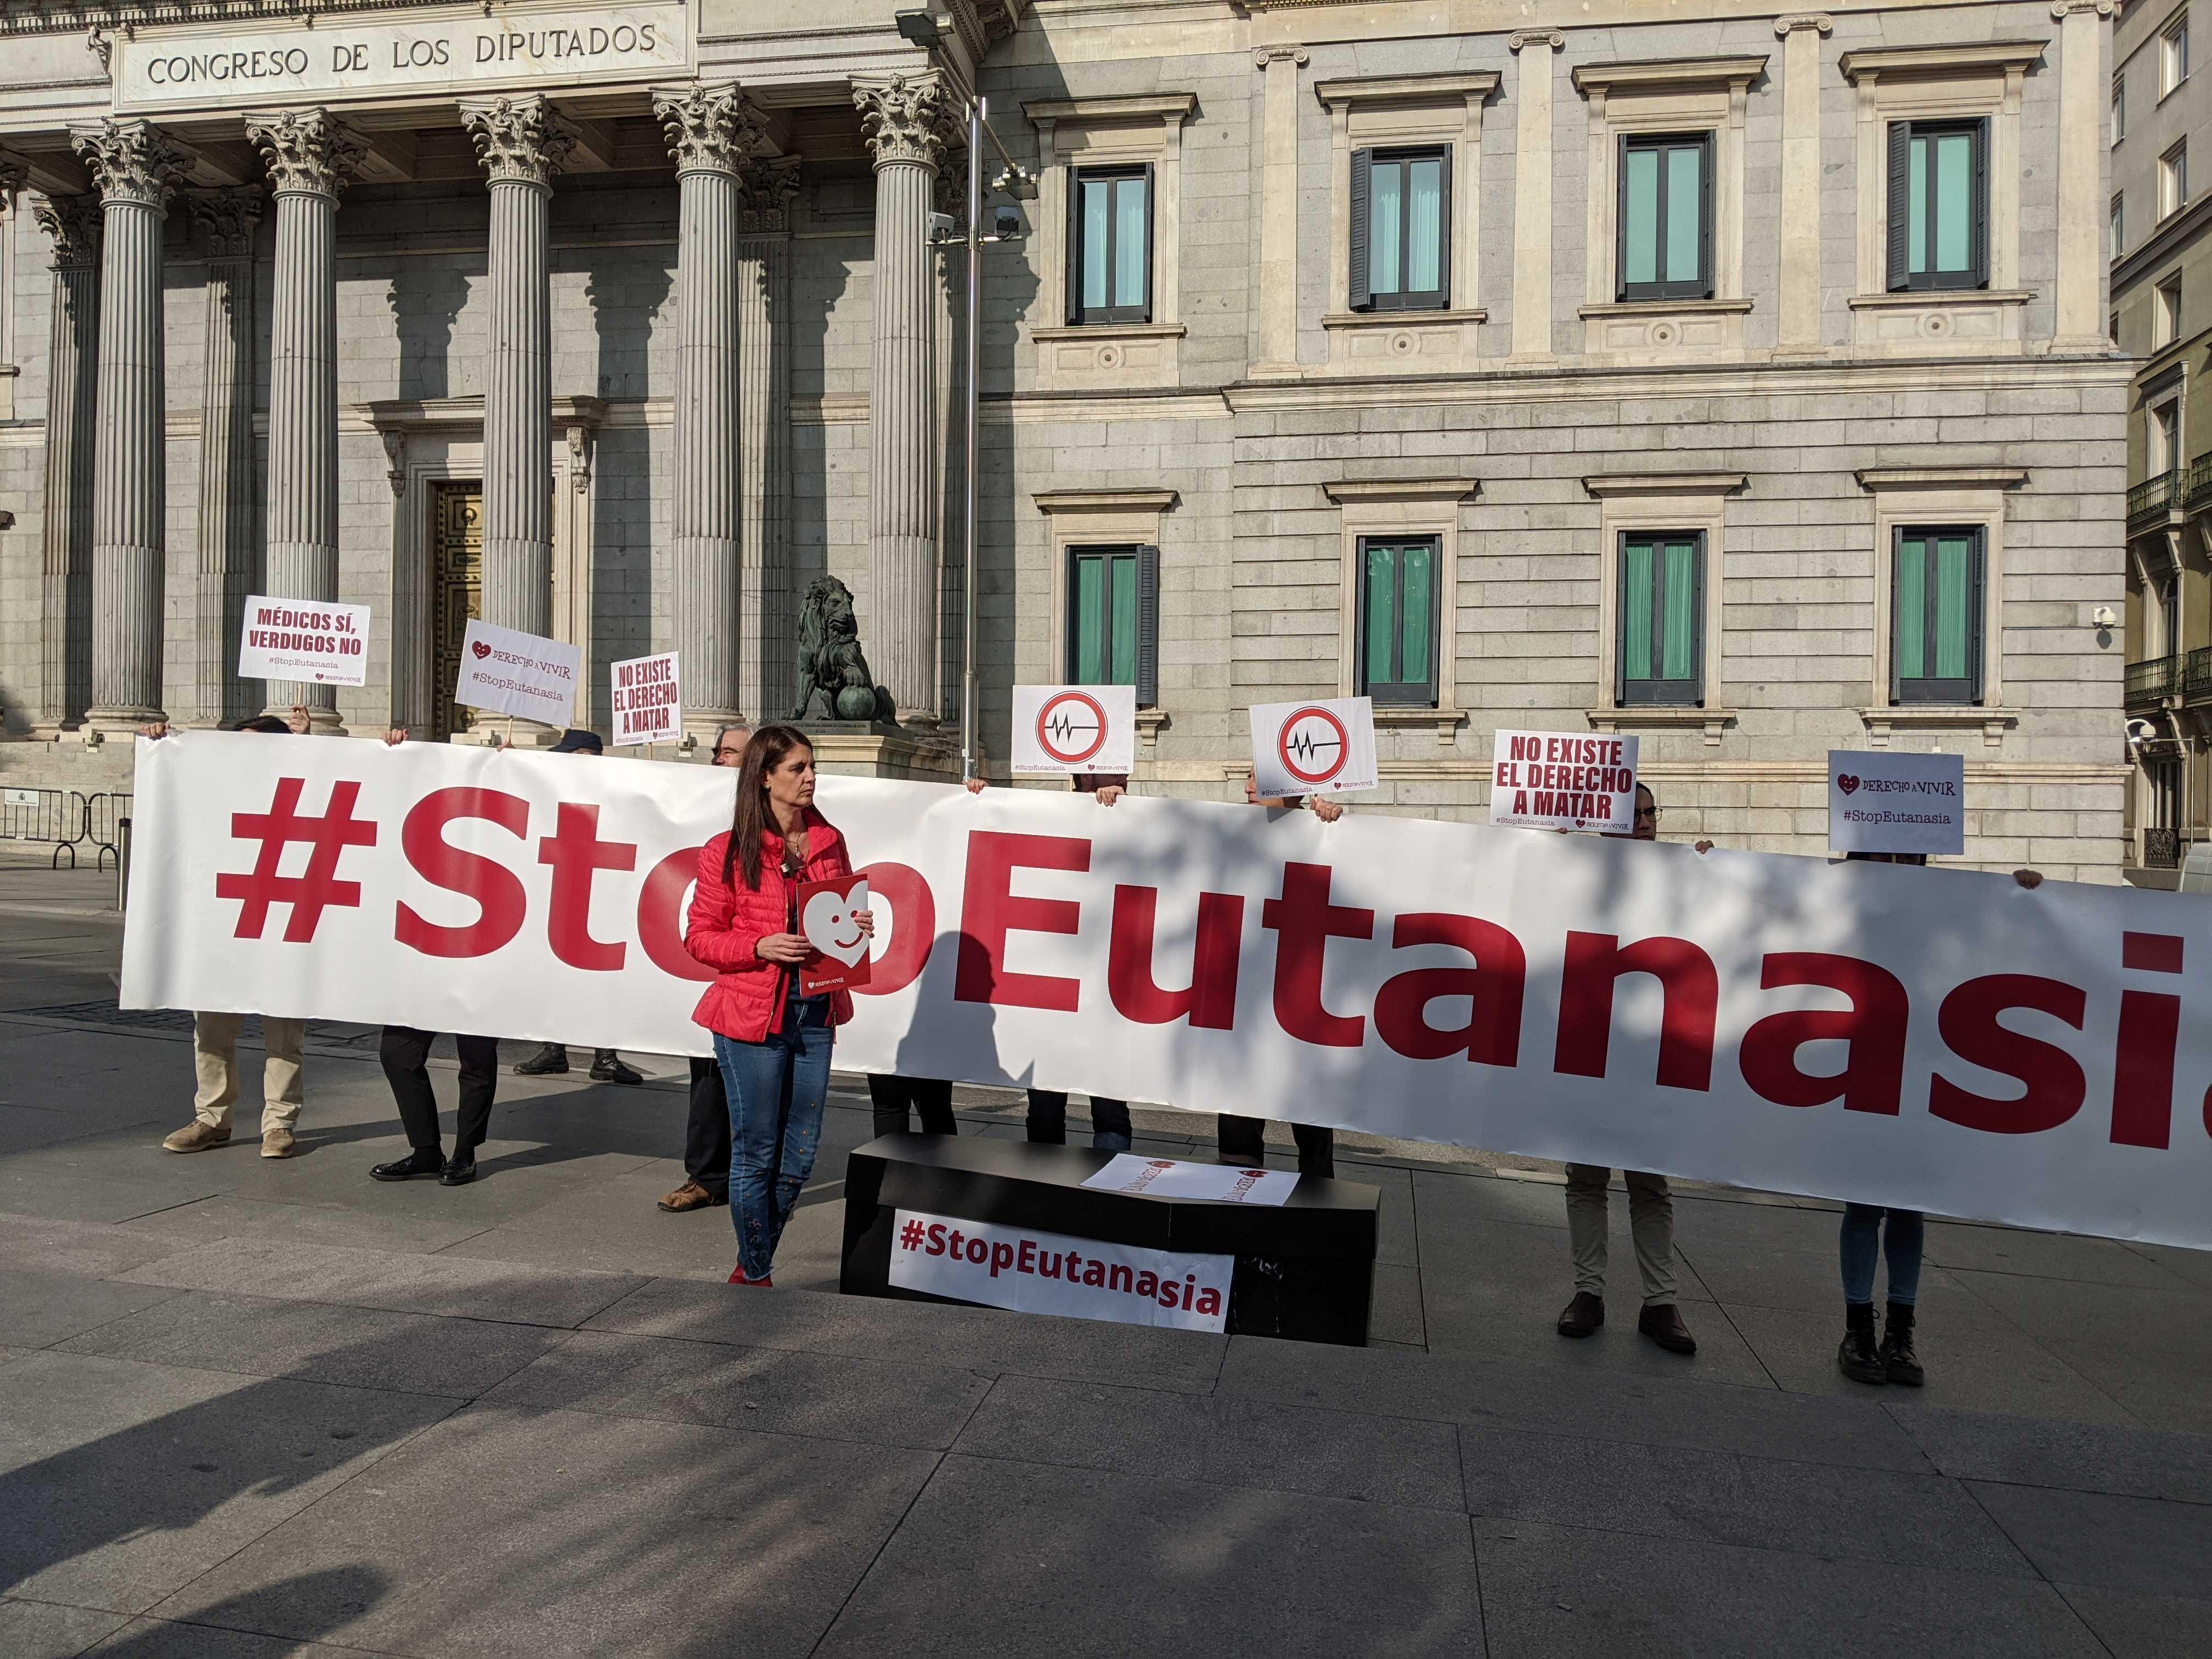 Derecho a Vivir se concentró contra la ley de eutanasia frente al Congreso de los Diputados